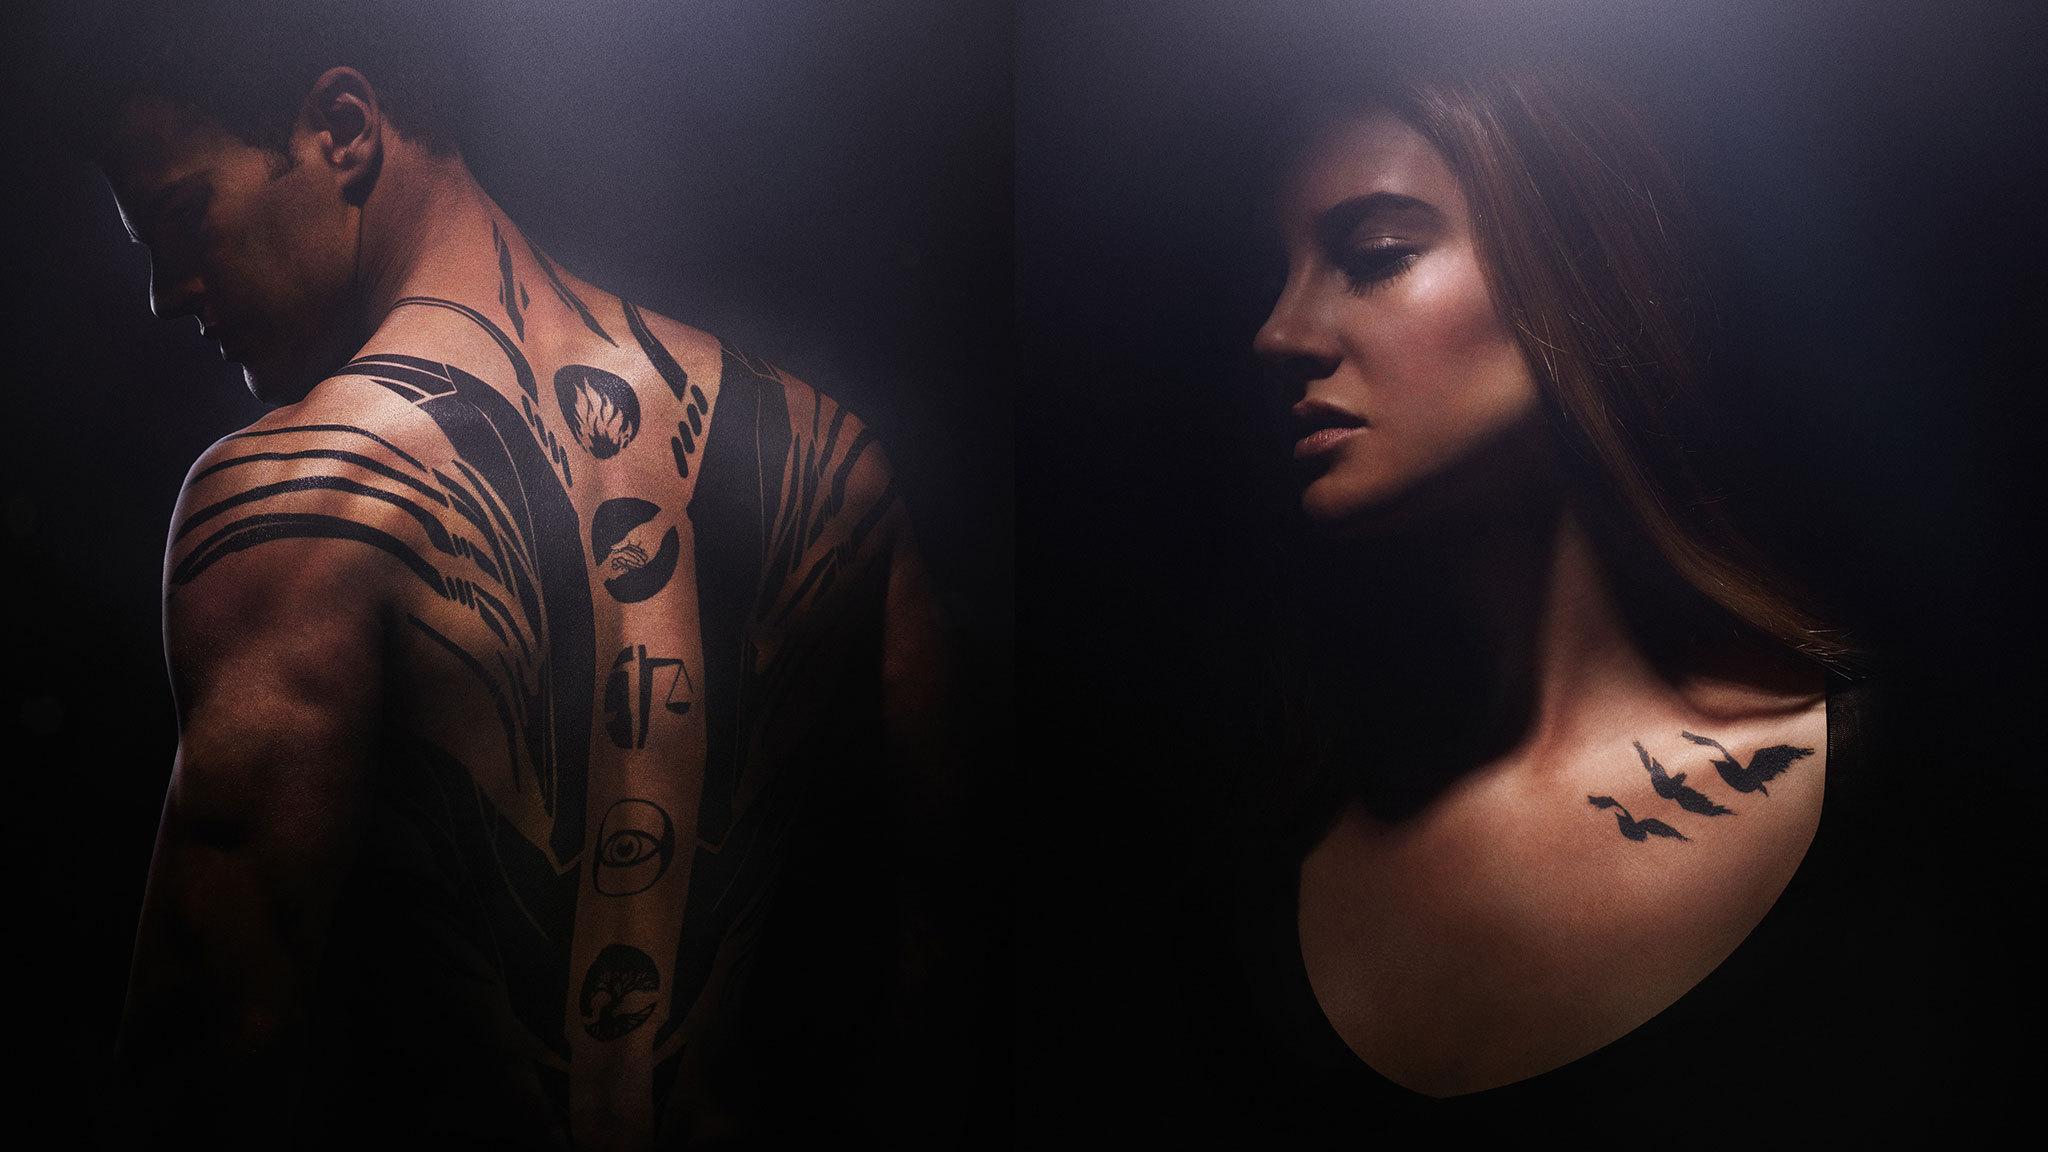 Тео джеймс фото татуировки